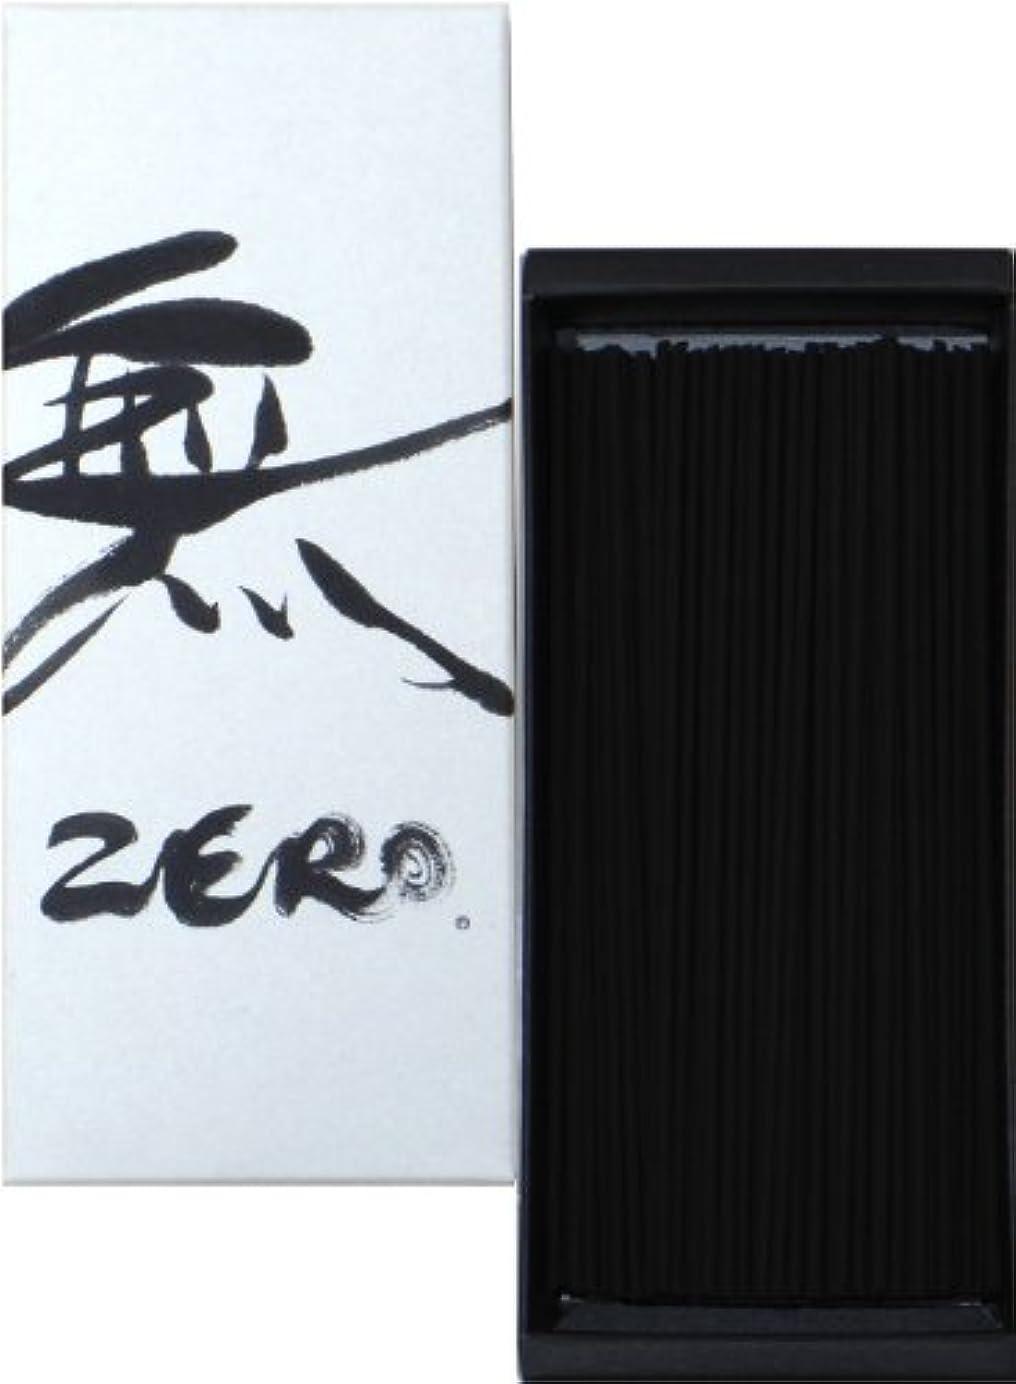 健康ディレクトリ規制丸叶むらたのお線香 無 ZERO(ゼロ)中バラ 約80g #ZR-02